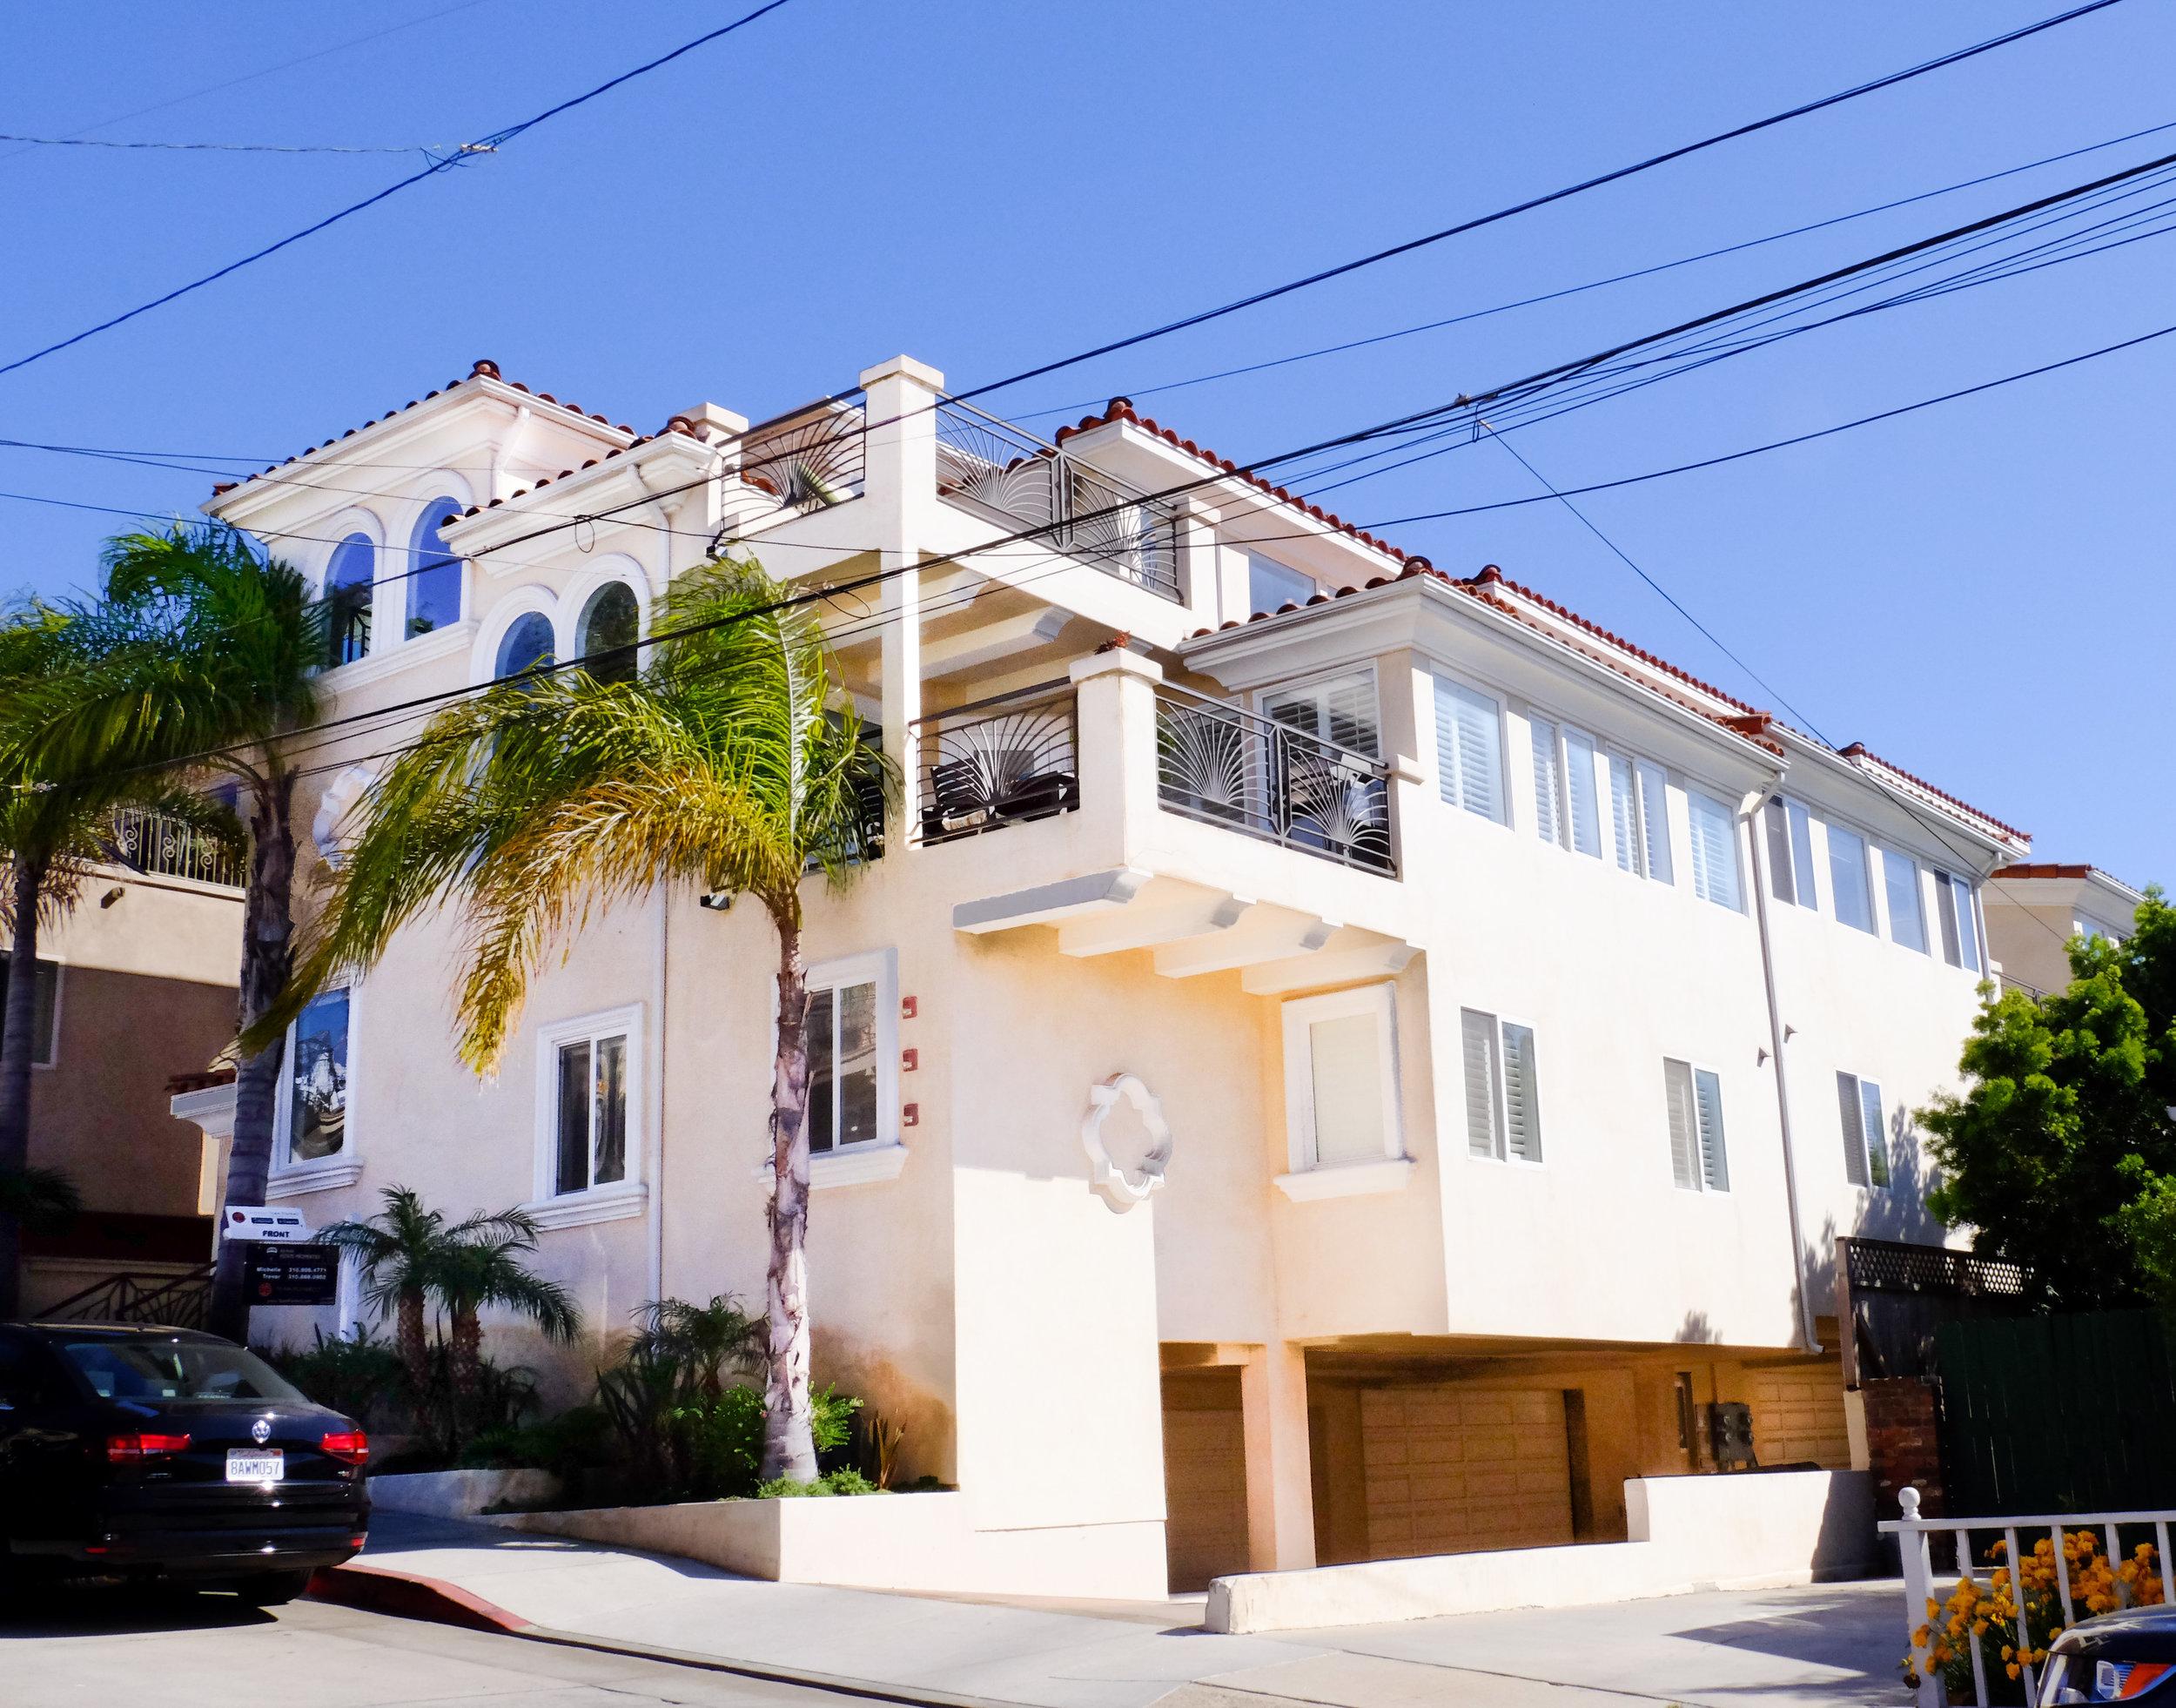 634 9th St Hermosa Beach